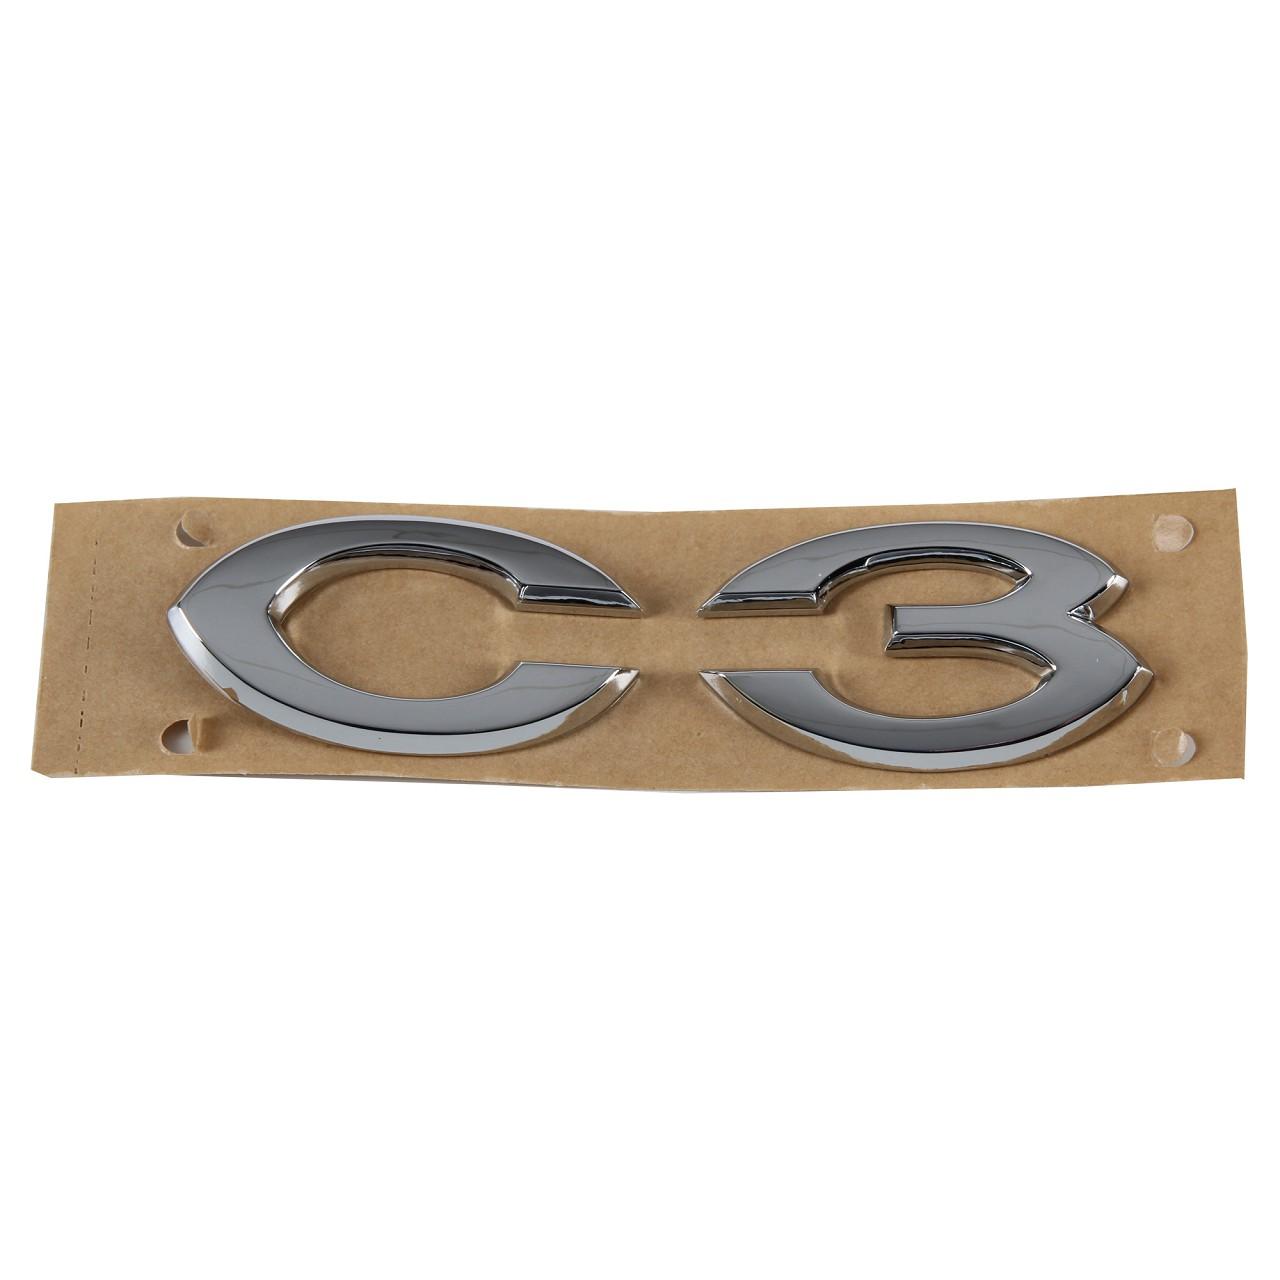 ORIGINAL Citroen Emblem Logo Schriftzug Heckklappe CHROM 8665.Y4 für C3 I (FC_)